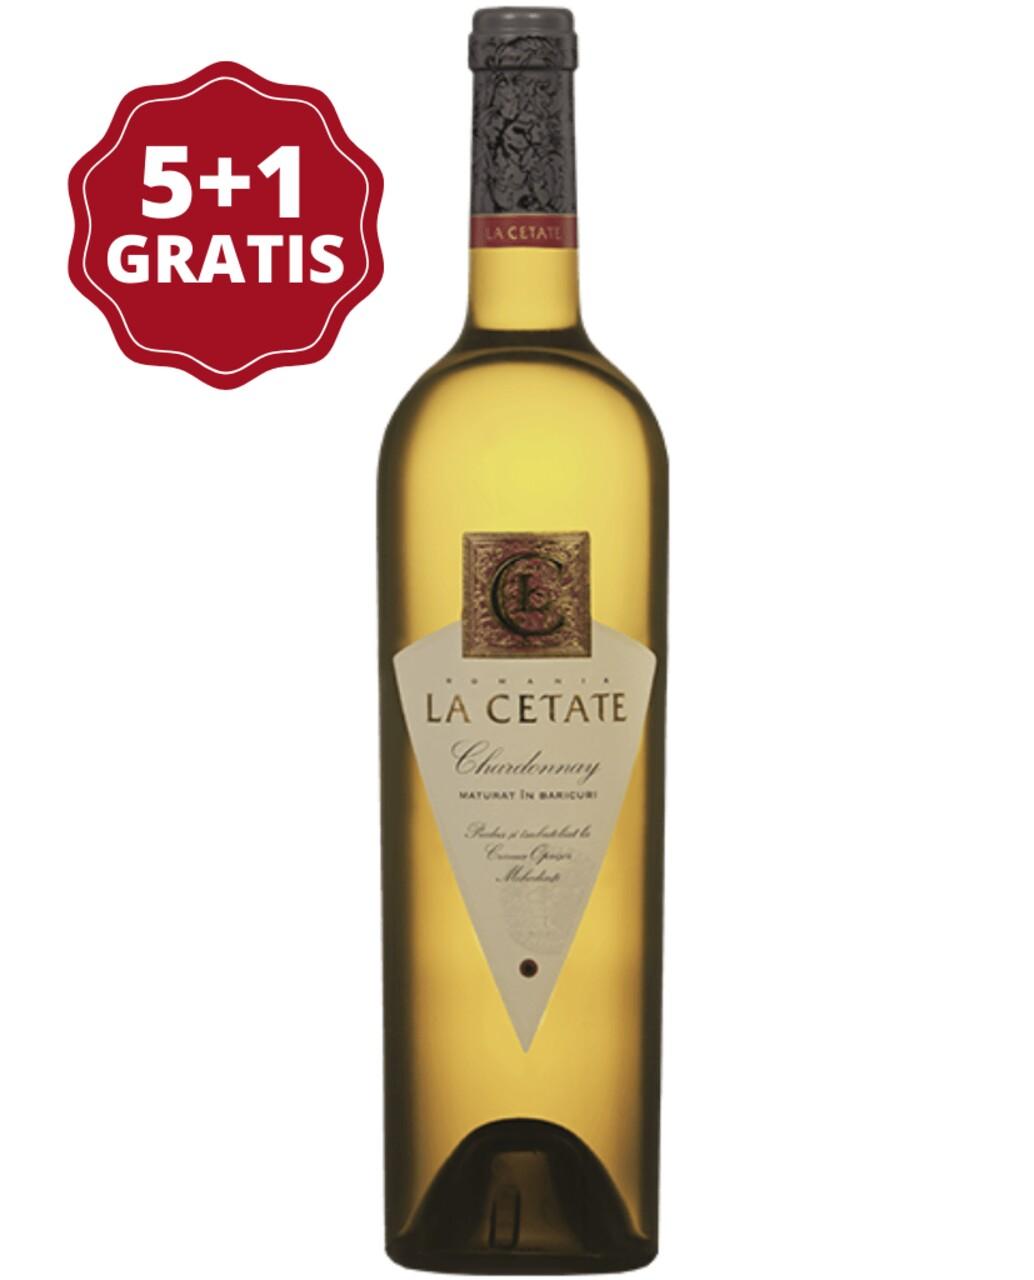 Oprisor La Cetate Chardonnay 5+1